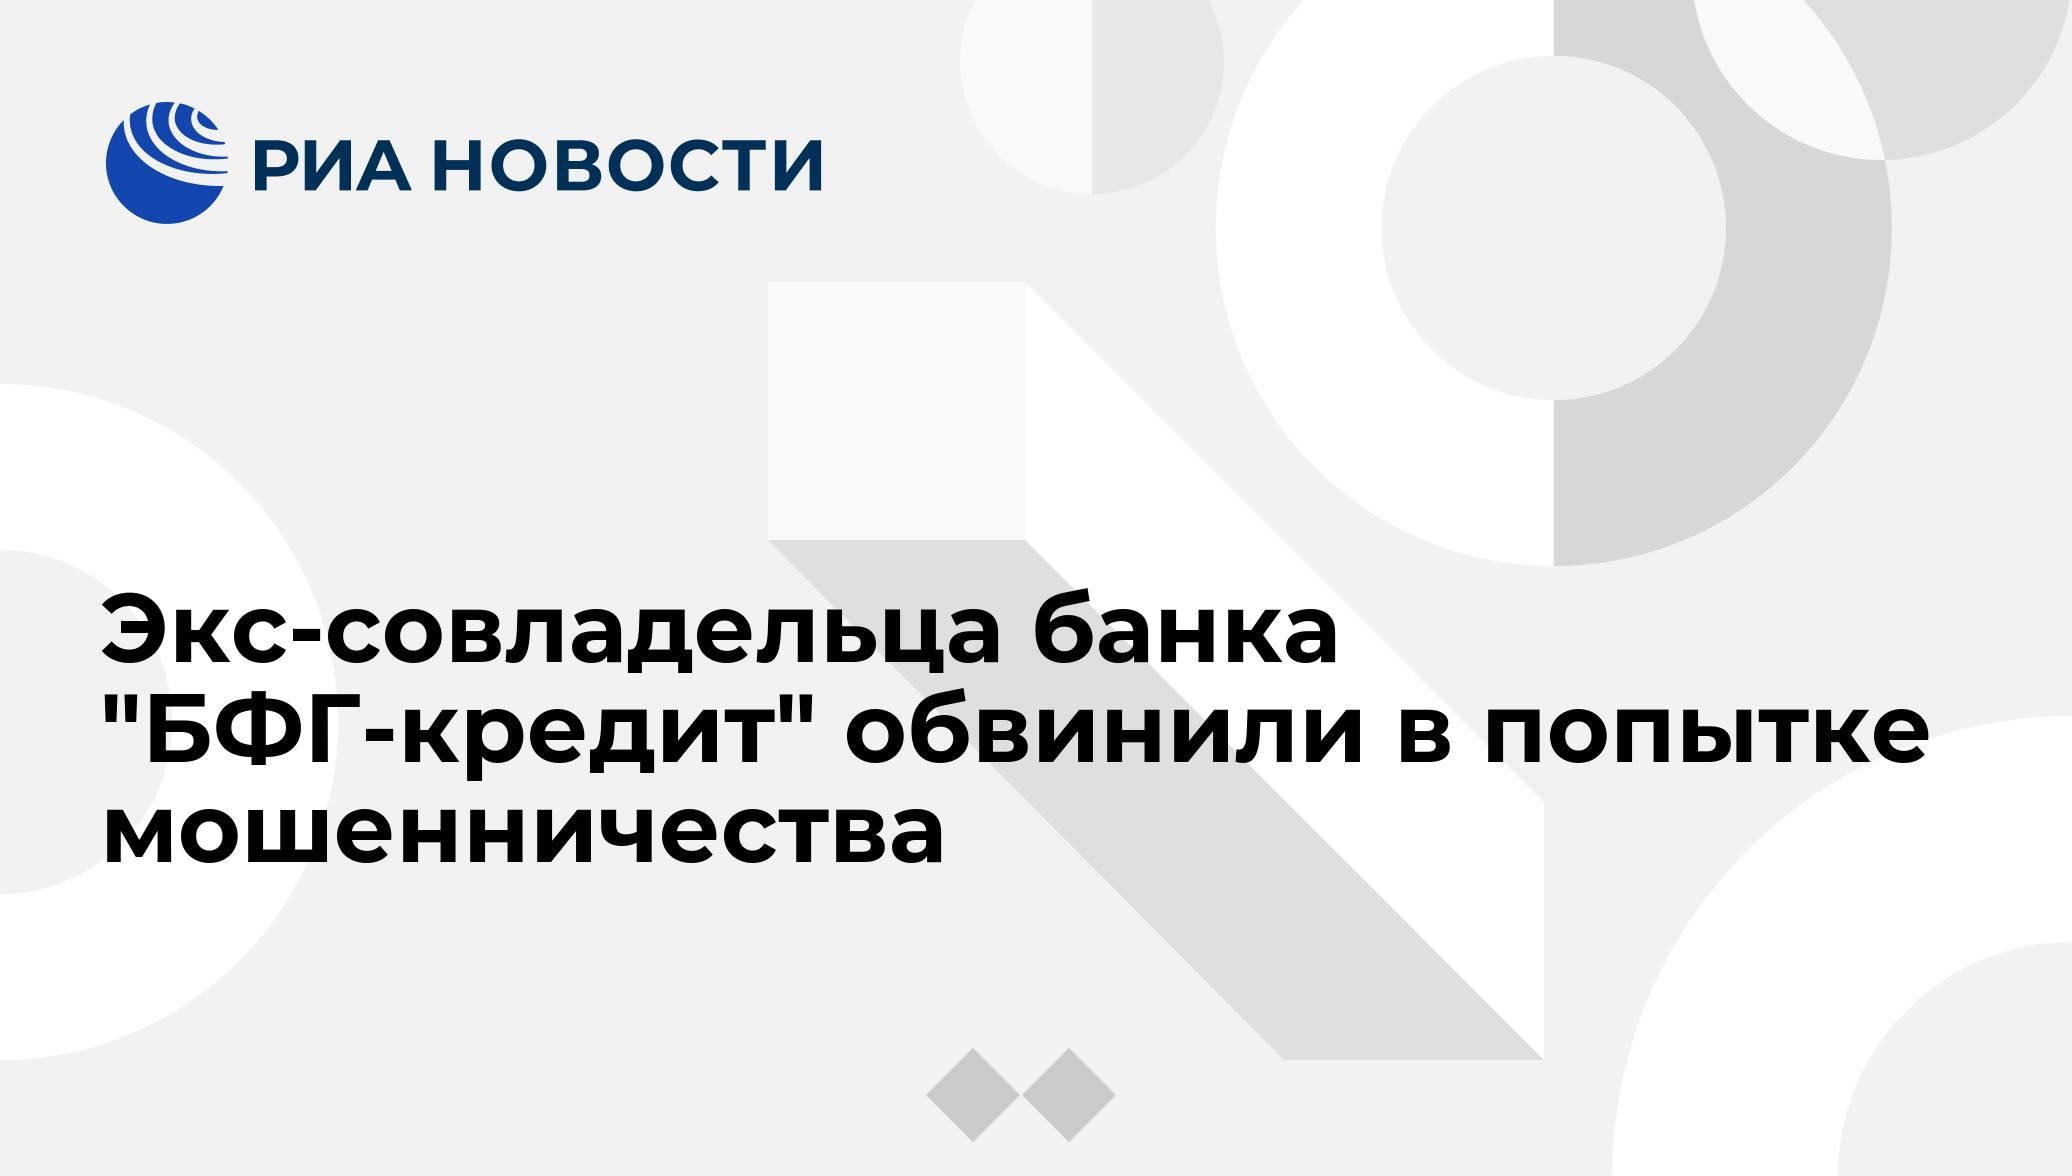 московский кредитный банк на грекова курс доллара